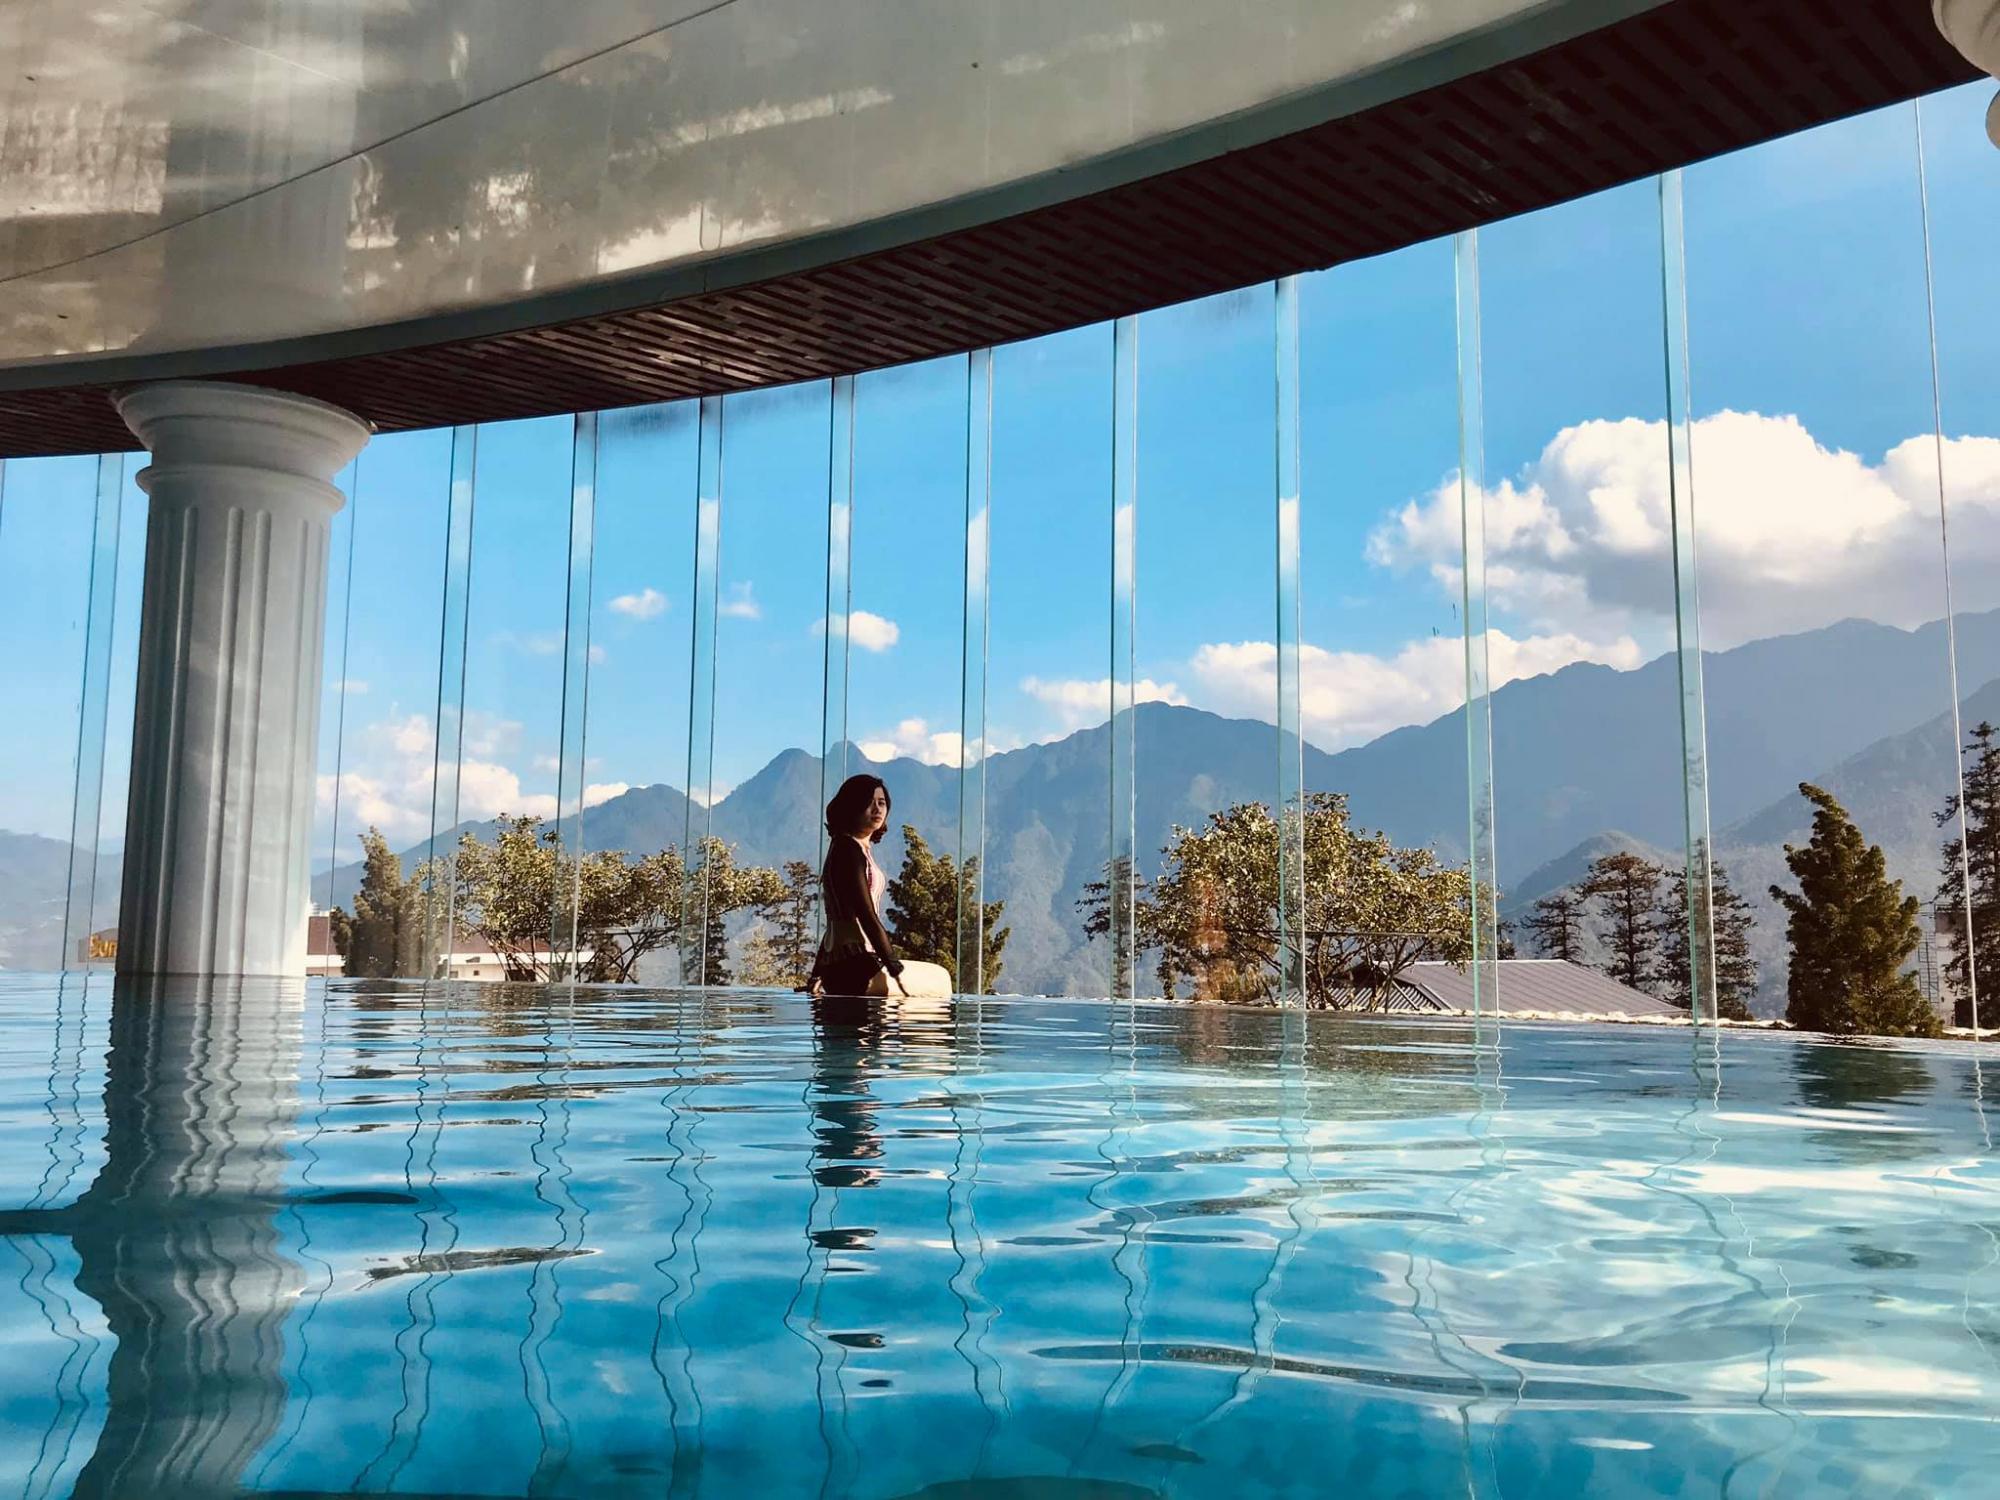 Bể bơi trong nhà nhưng có view tuyệt đẹp